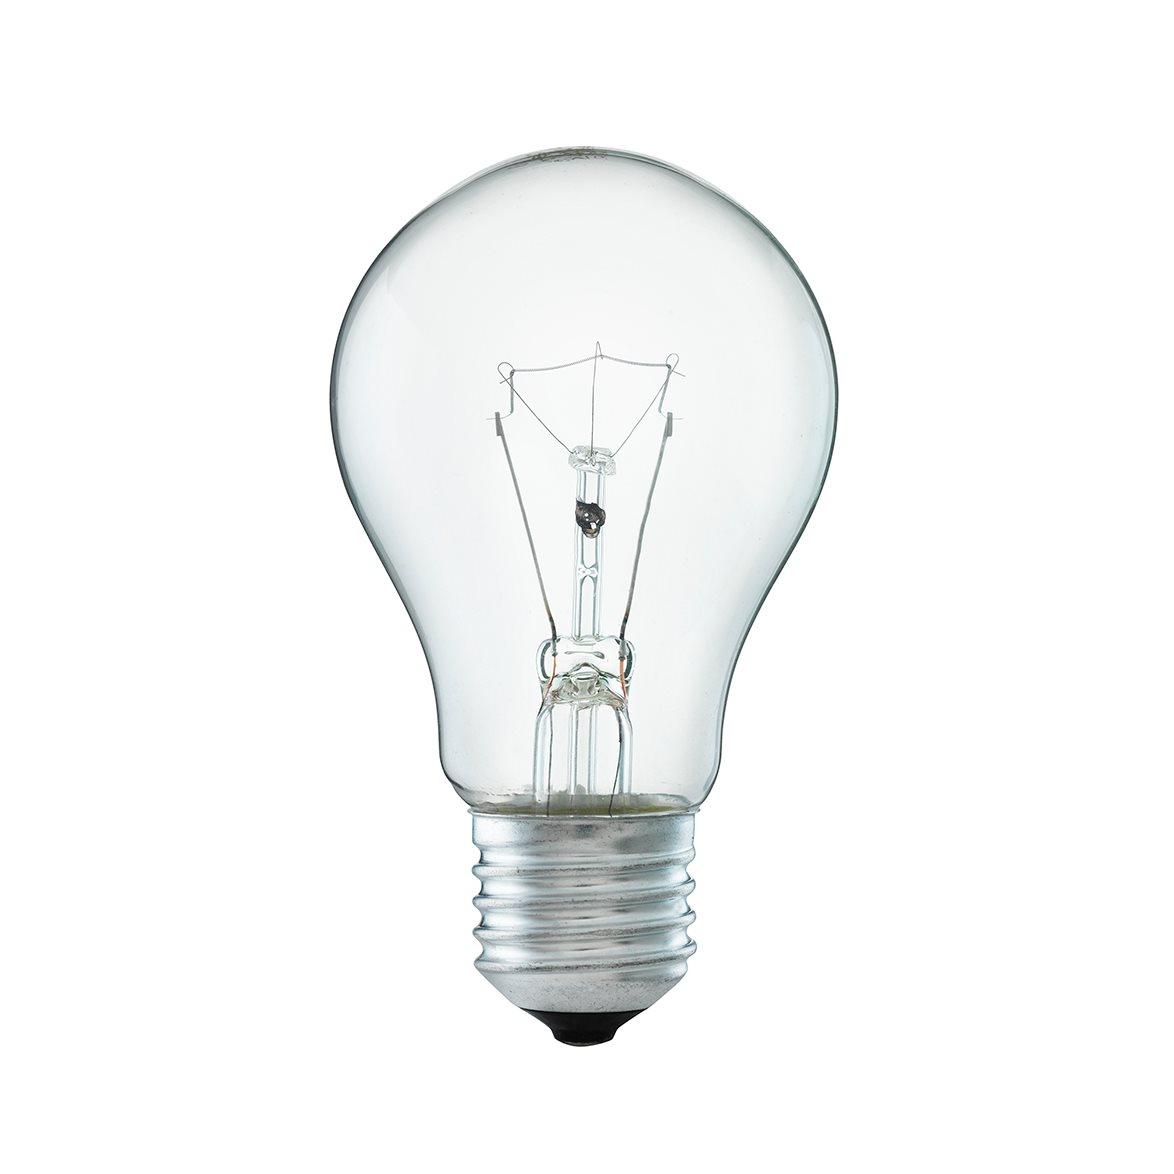 Glödlampa 75W normal E27, klar